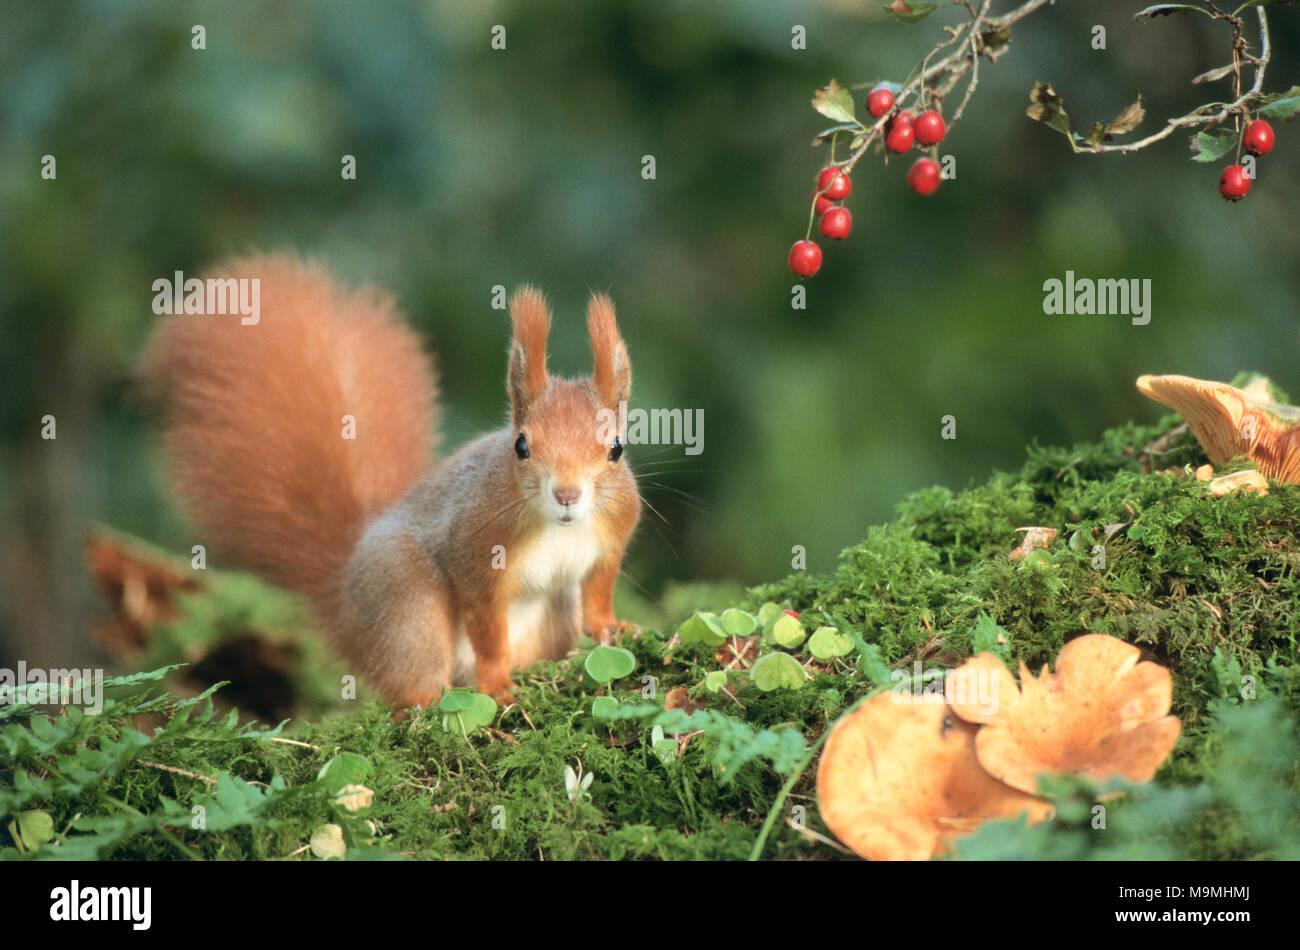 Europäisches Eichhörnchen (Sciurus vulgaris) neben Crataegus Beeren. Deutschland Stockbild